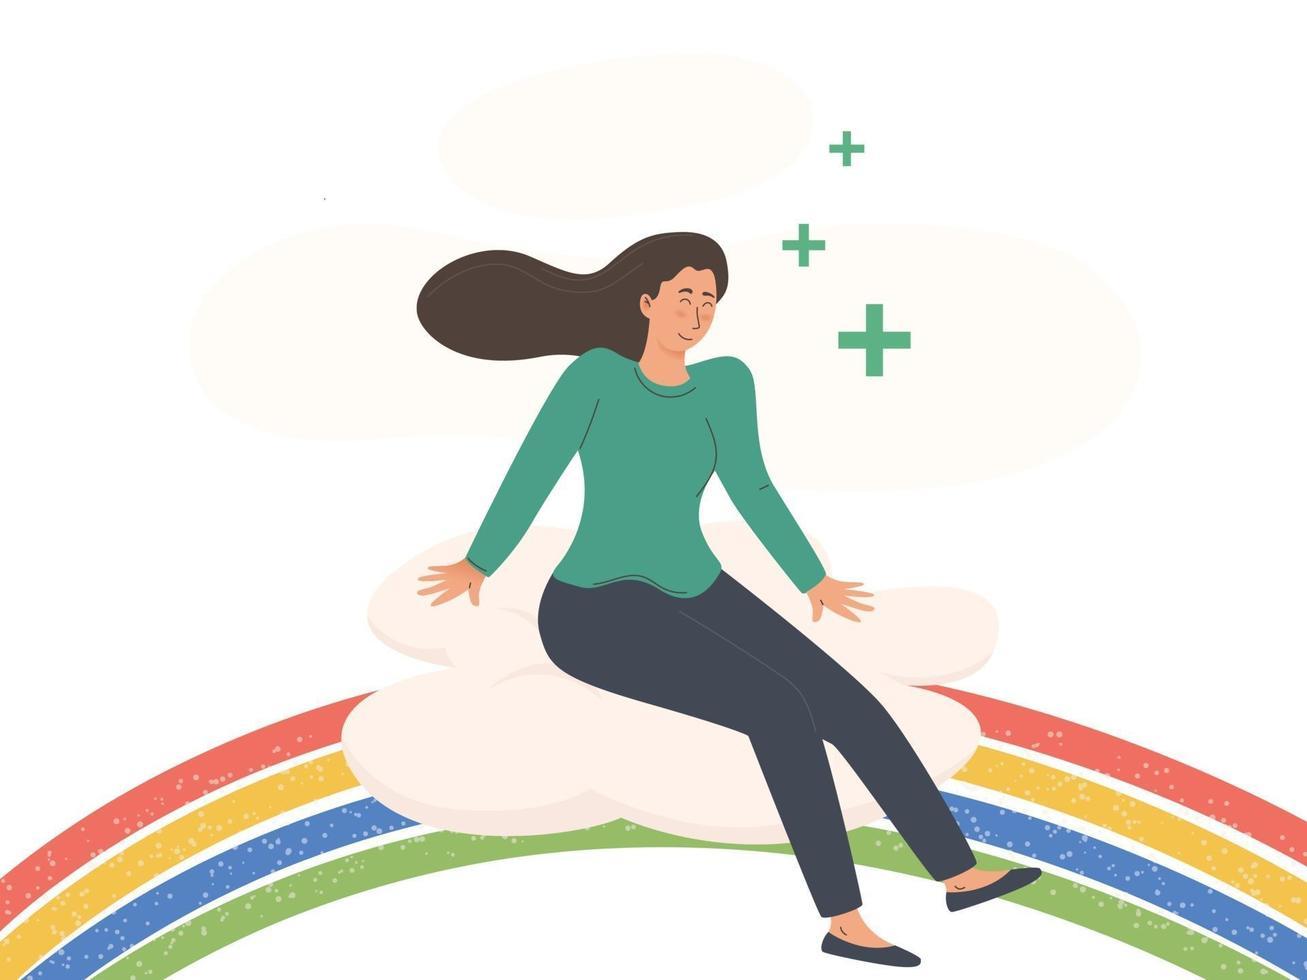 jovem sentada em um corpo arco-íris positivo e conceito de saúde vetor